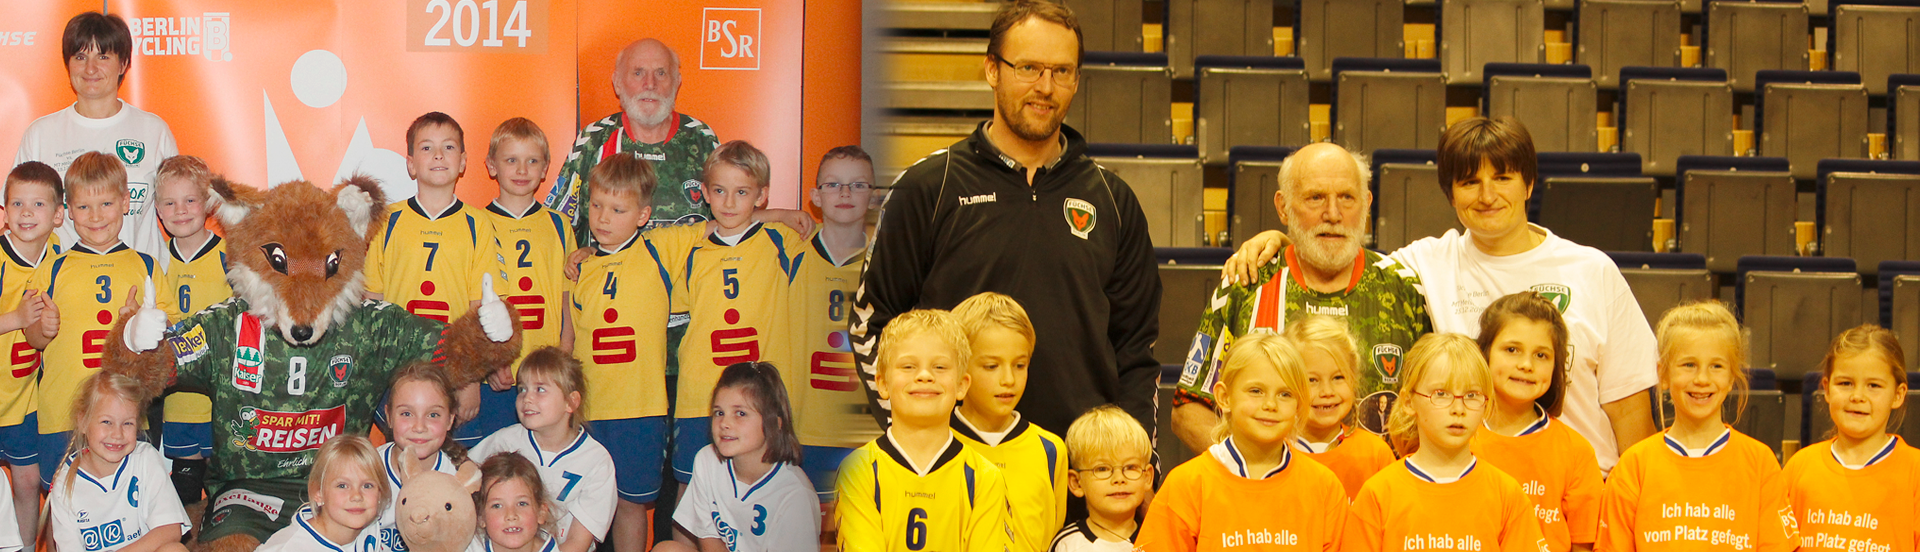 Nachfuchsturnier2014_Bundestrainer1